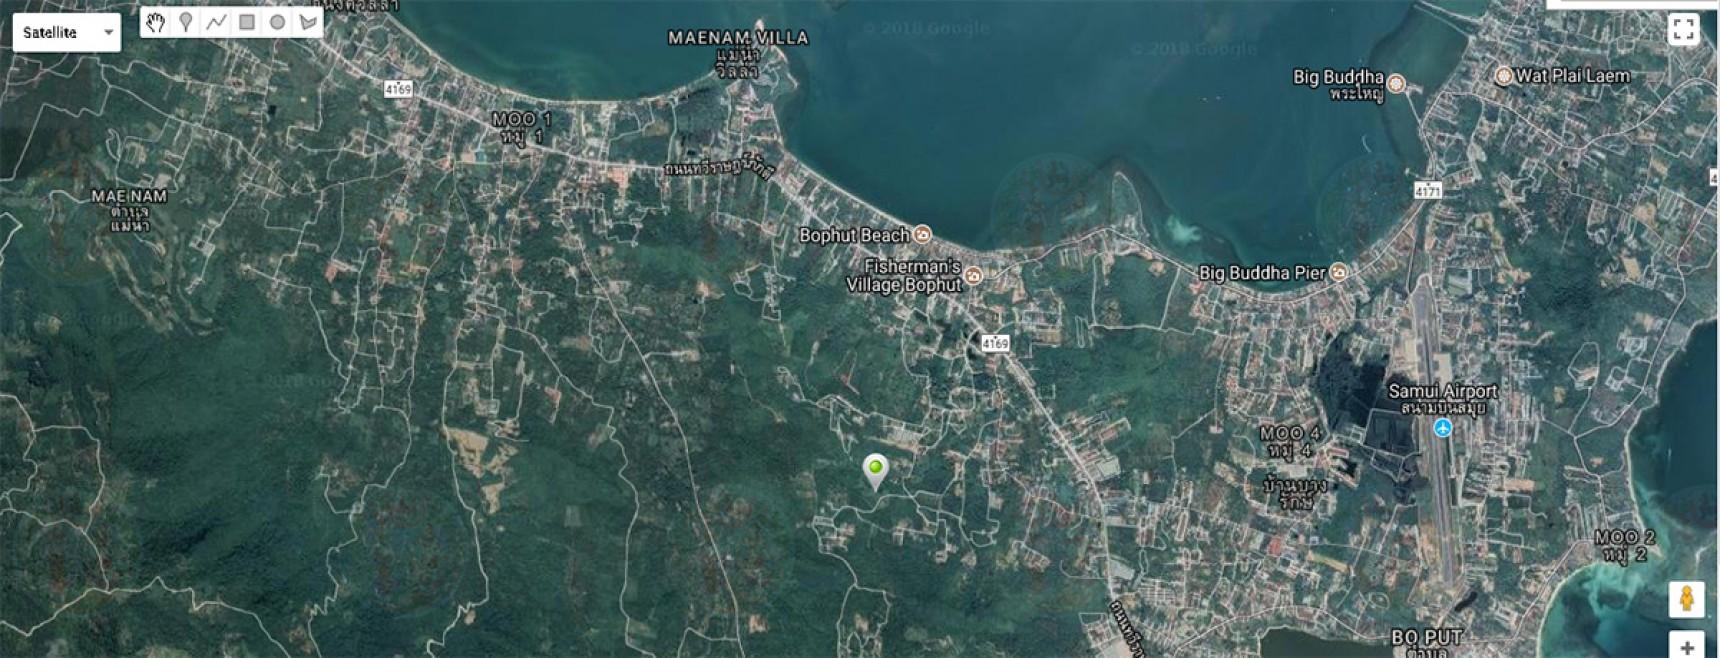 Land, Land Sales, Listing ID 1445, Koh Samui,